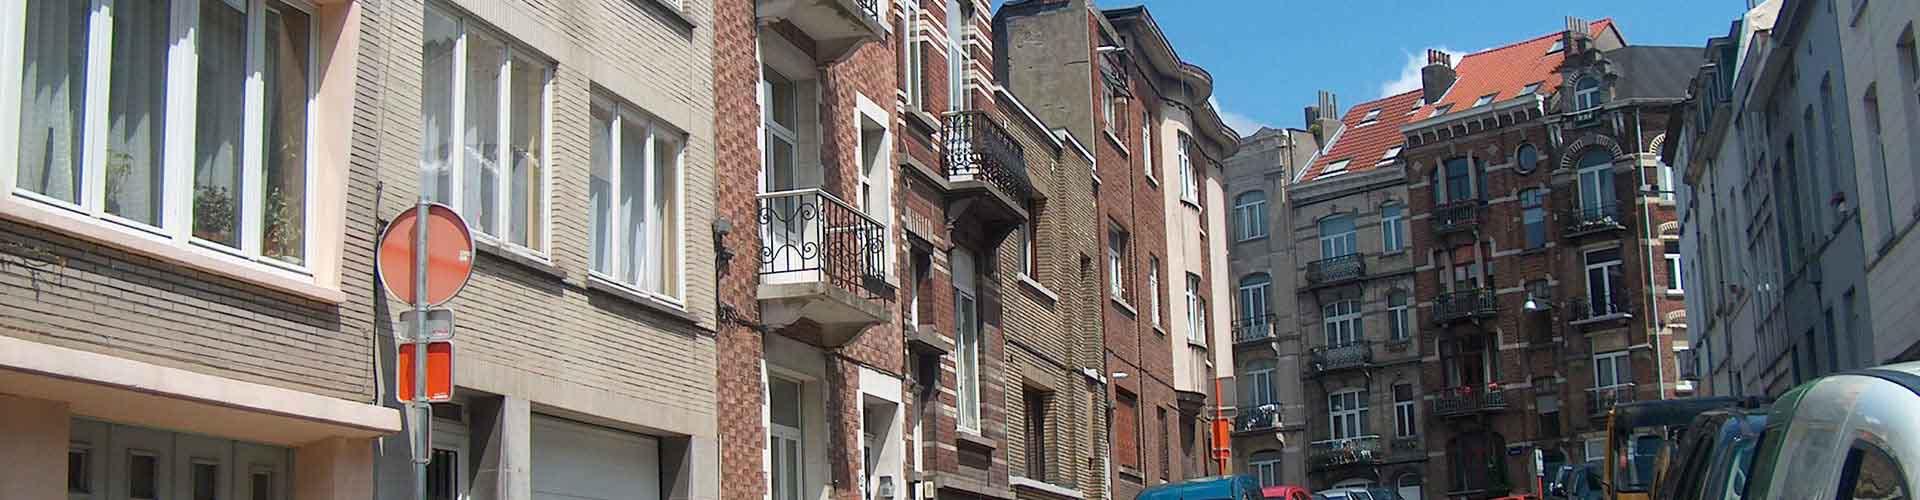 Bruselas - Hoteles baratos en el distrito Saint-Josse-ten-Noode. Mapas de Bruselas, Fotos y comentarios de cada Hotel barato en Bruselas.